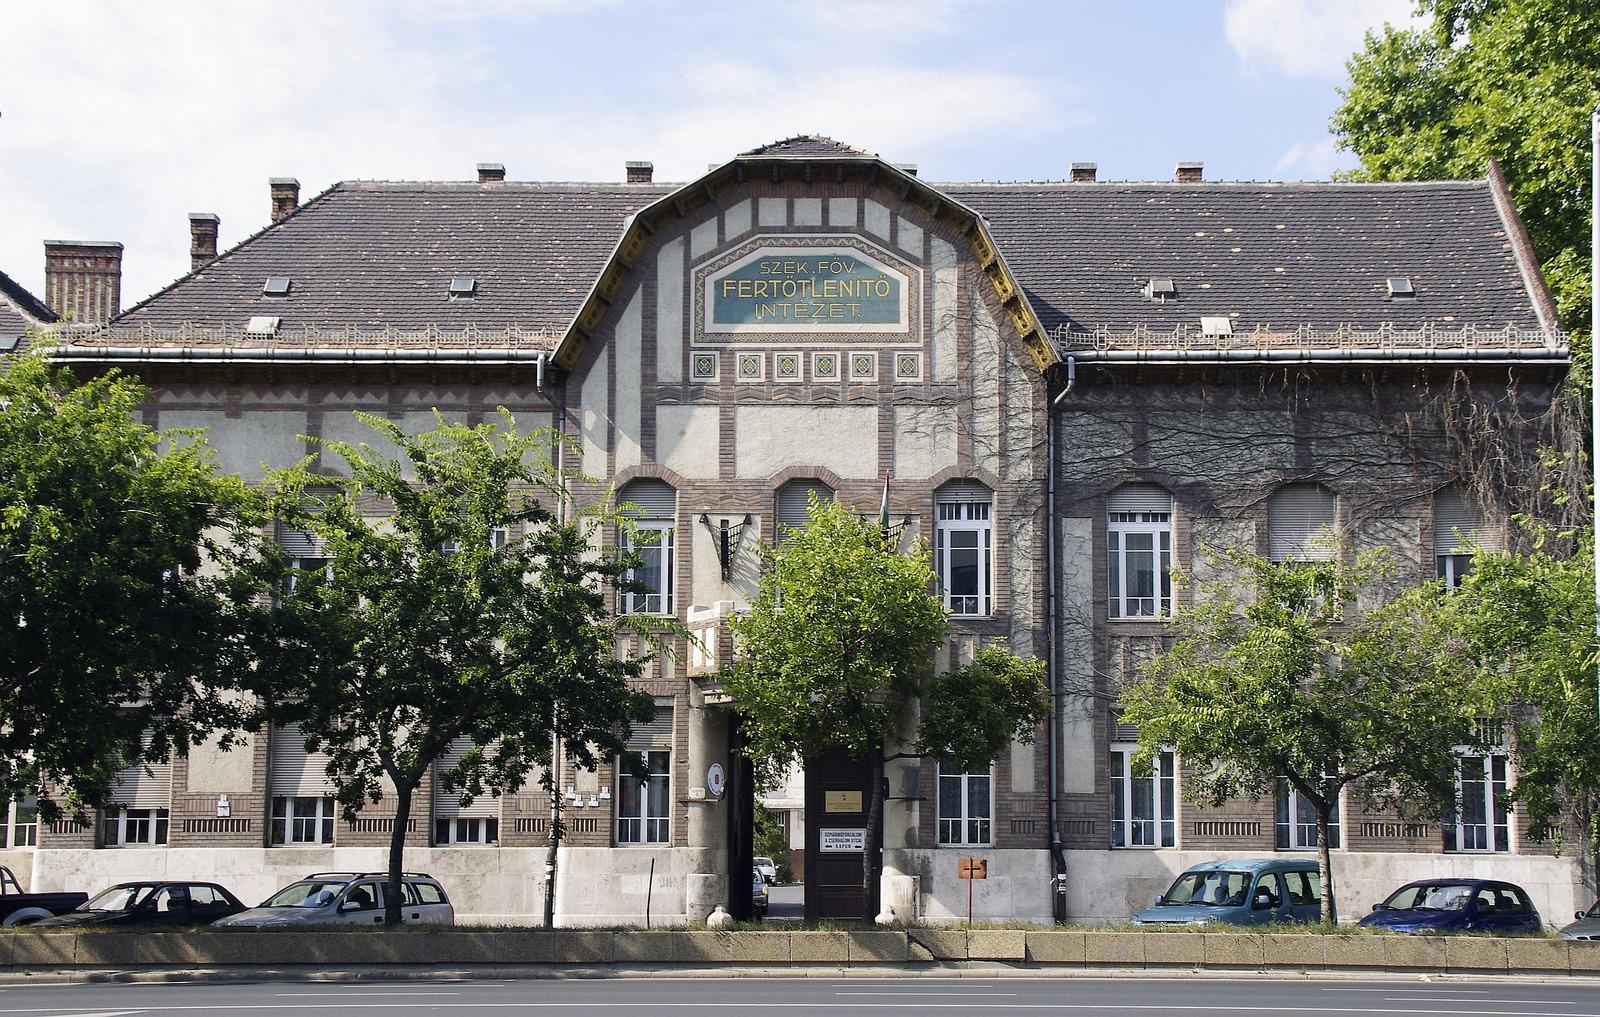 A budapesti Fertőtlenítő Intézet